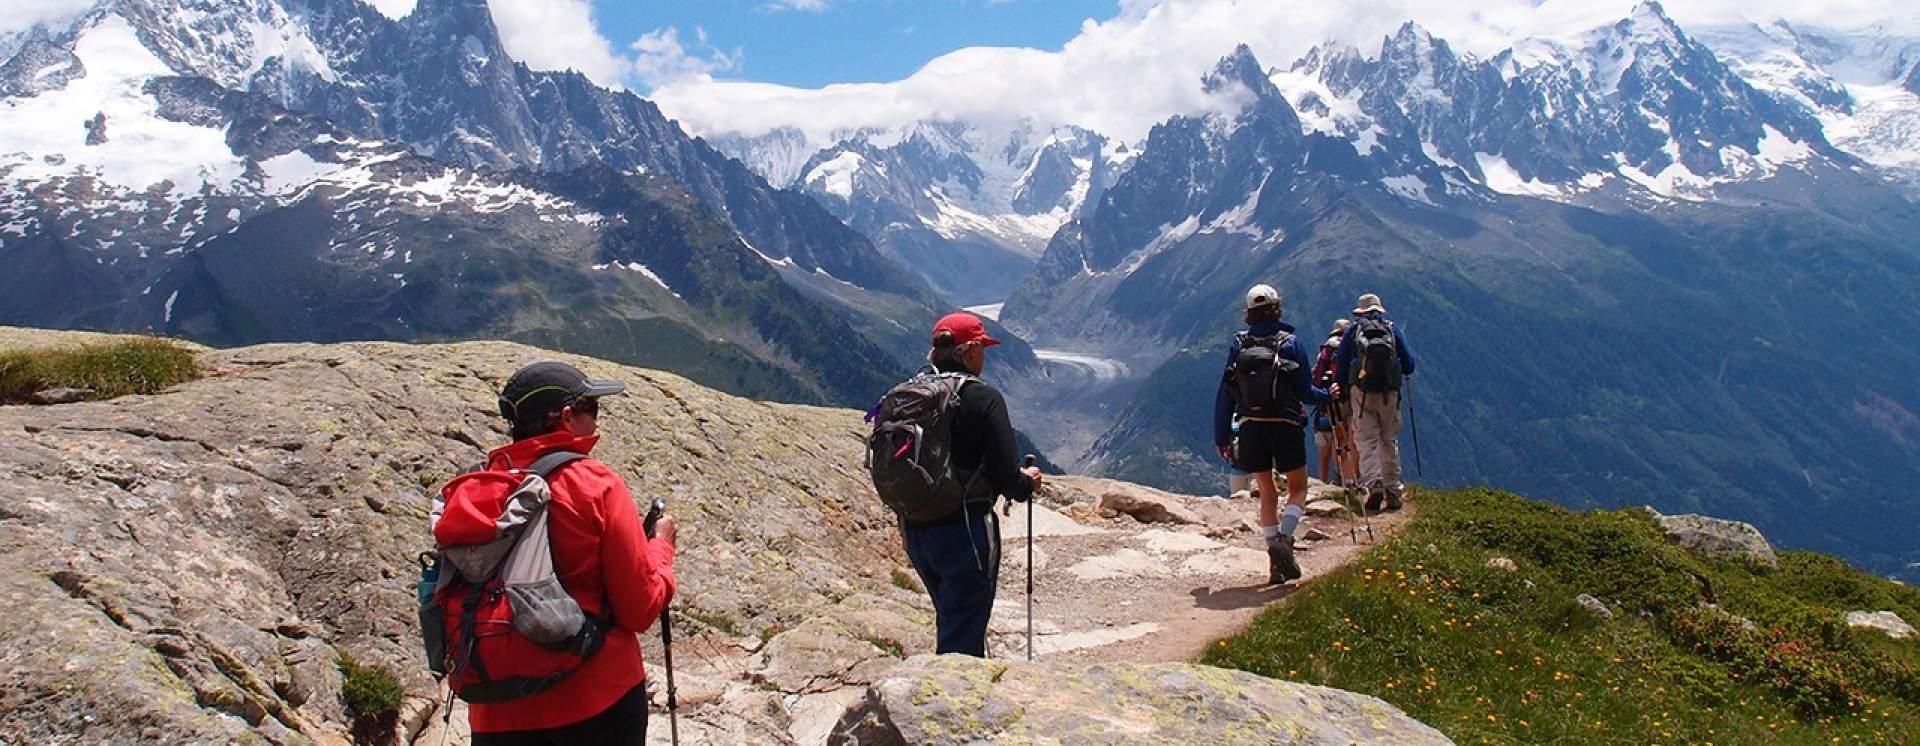 Randonnee Tour Du Mont Blanc Demi Tour Nord Chamonix Guides